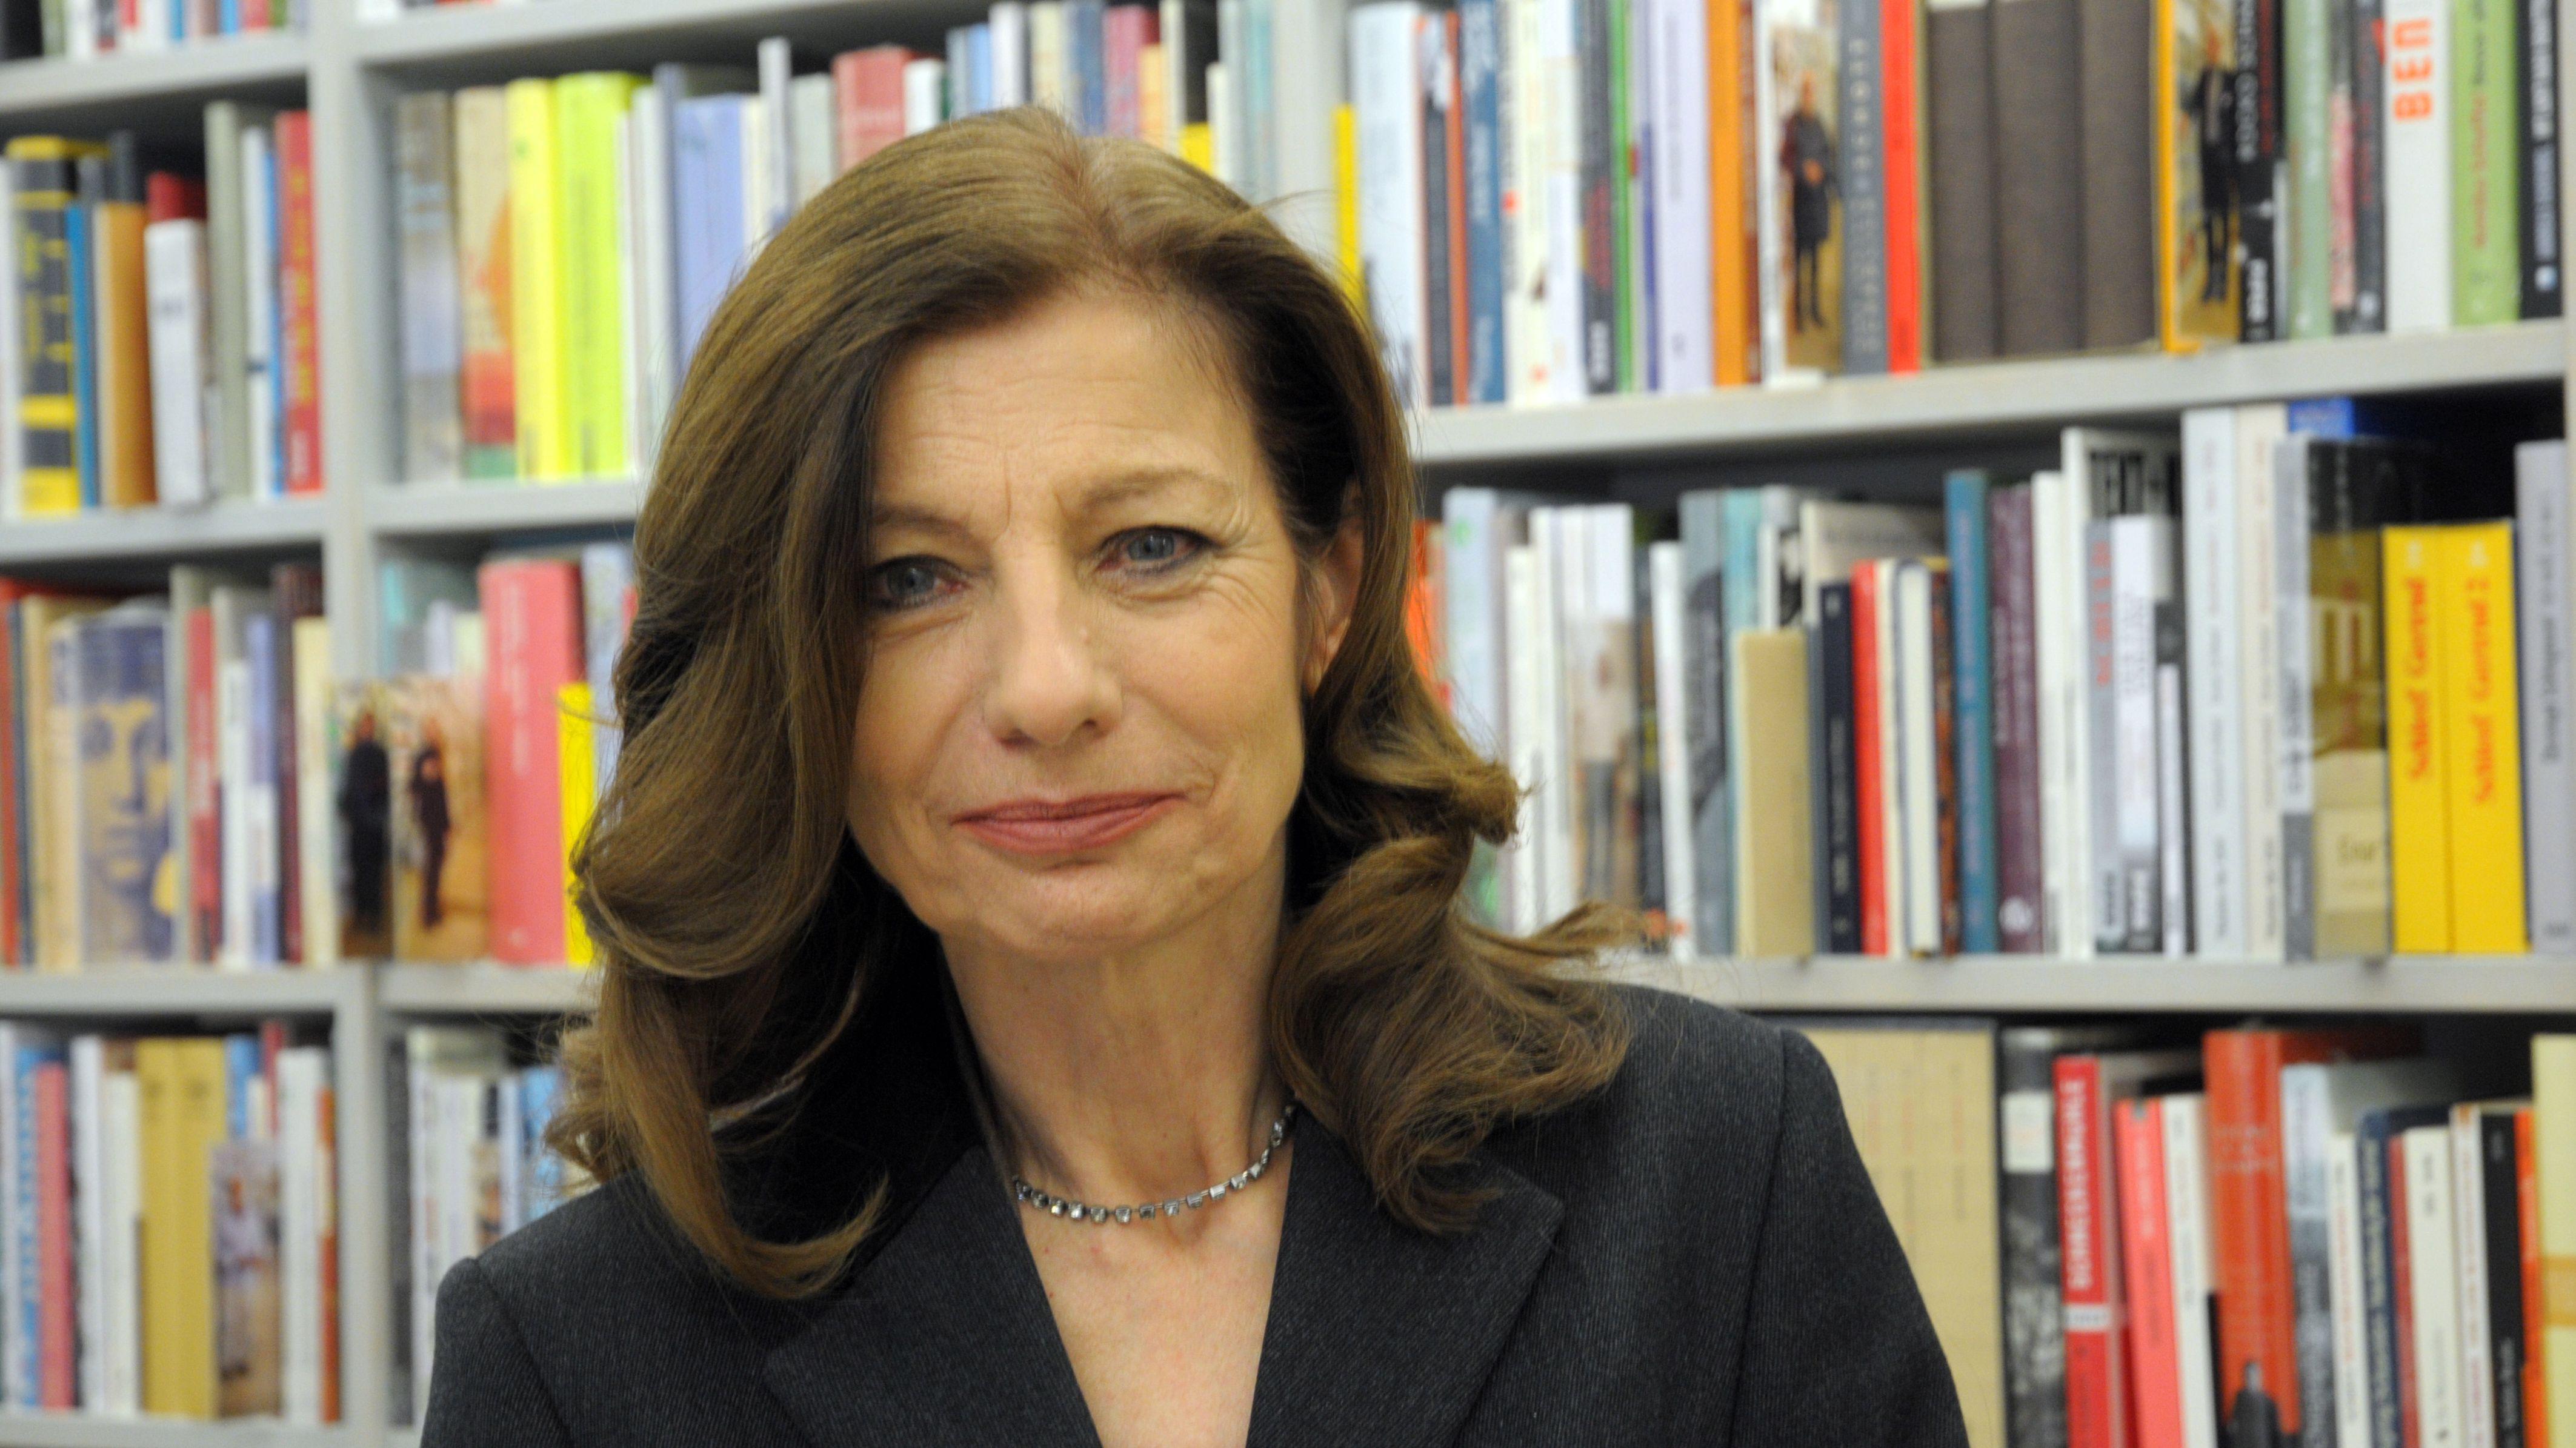 Ursula Krechel vor einem Bücherregal